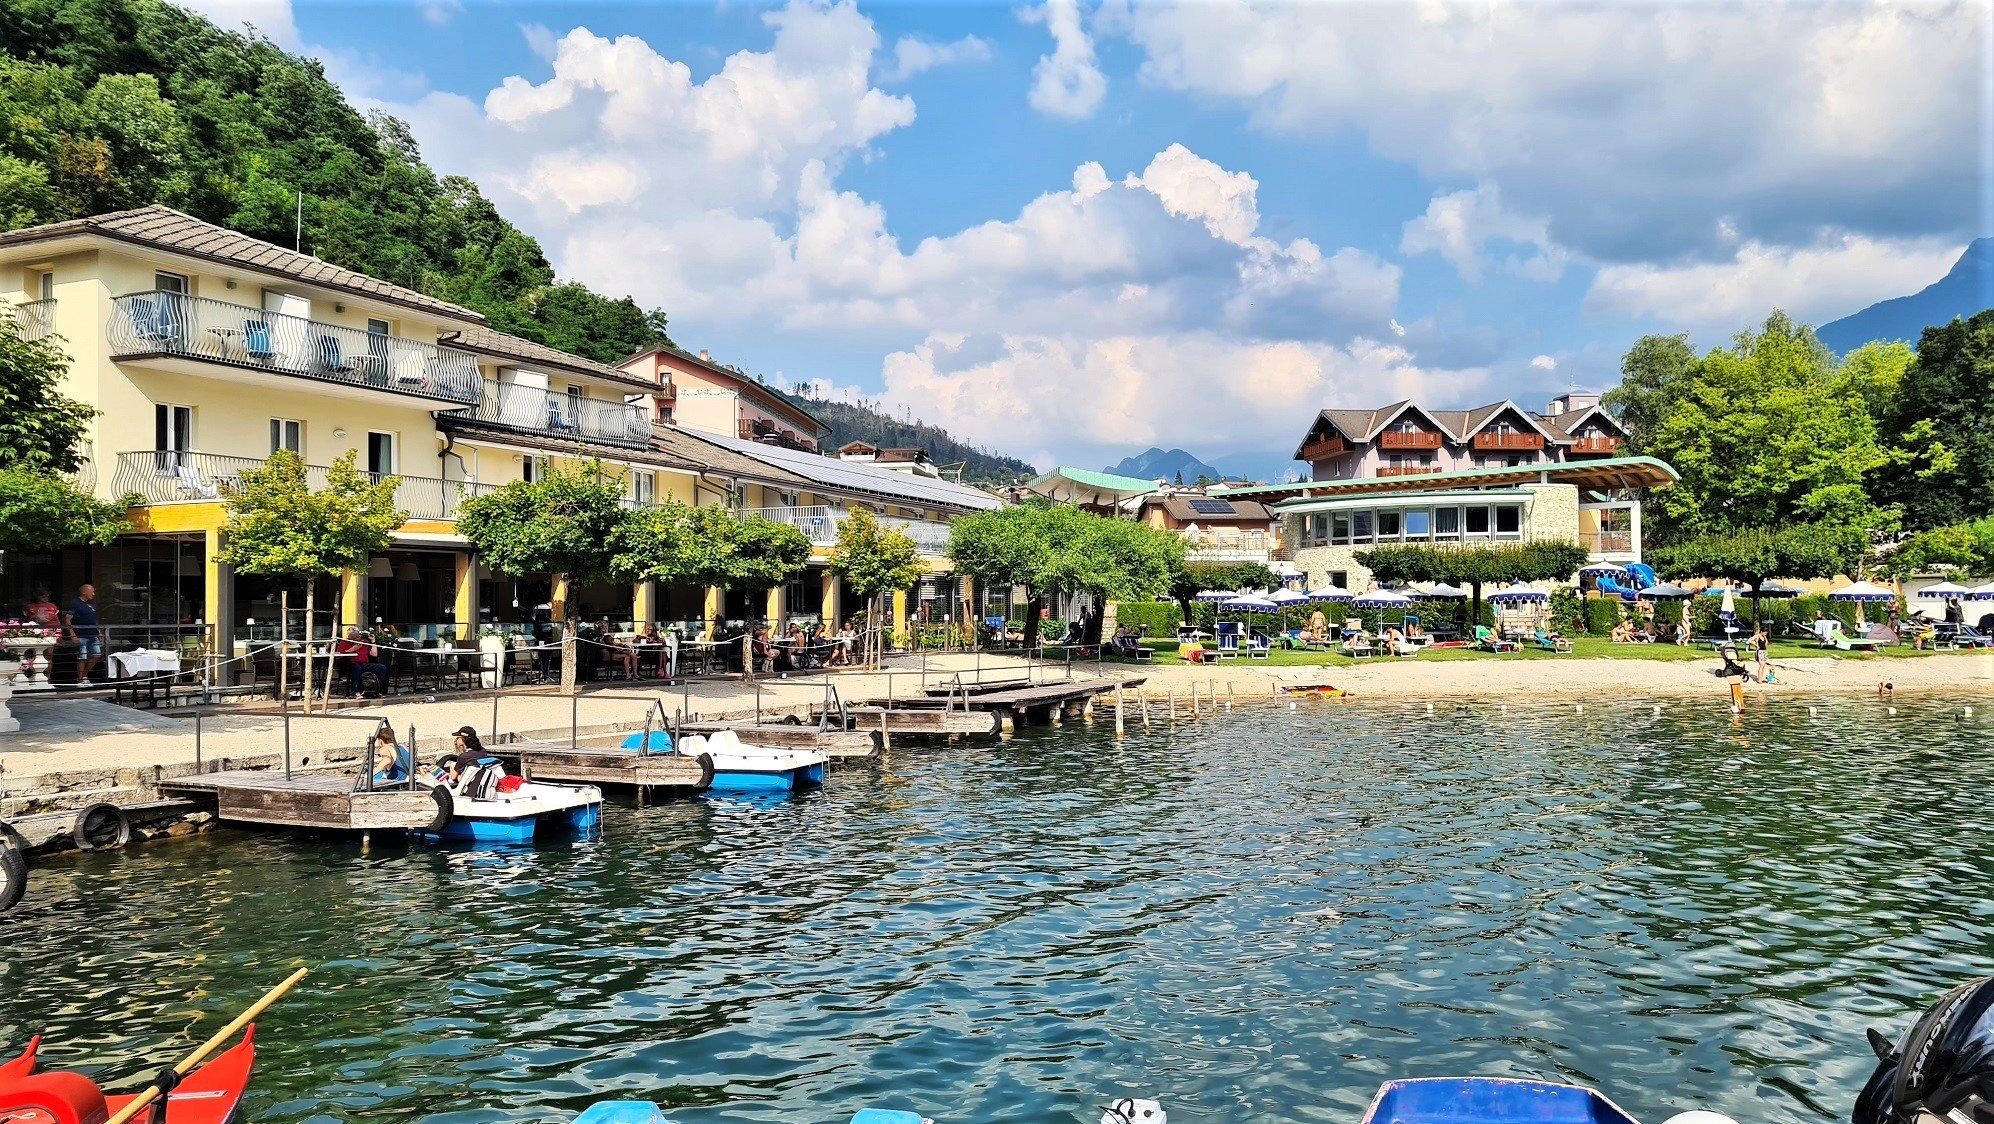 La spiaggia del Parc Hotel du Lac